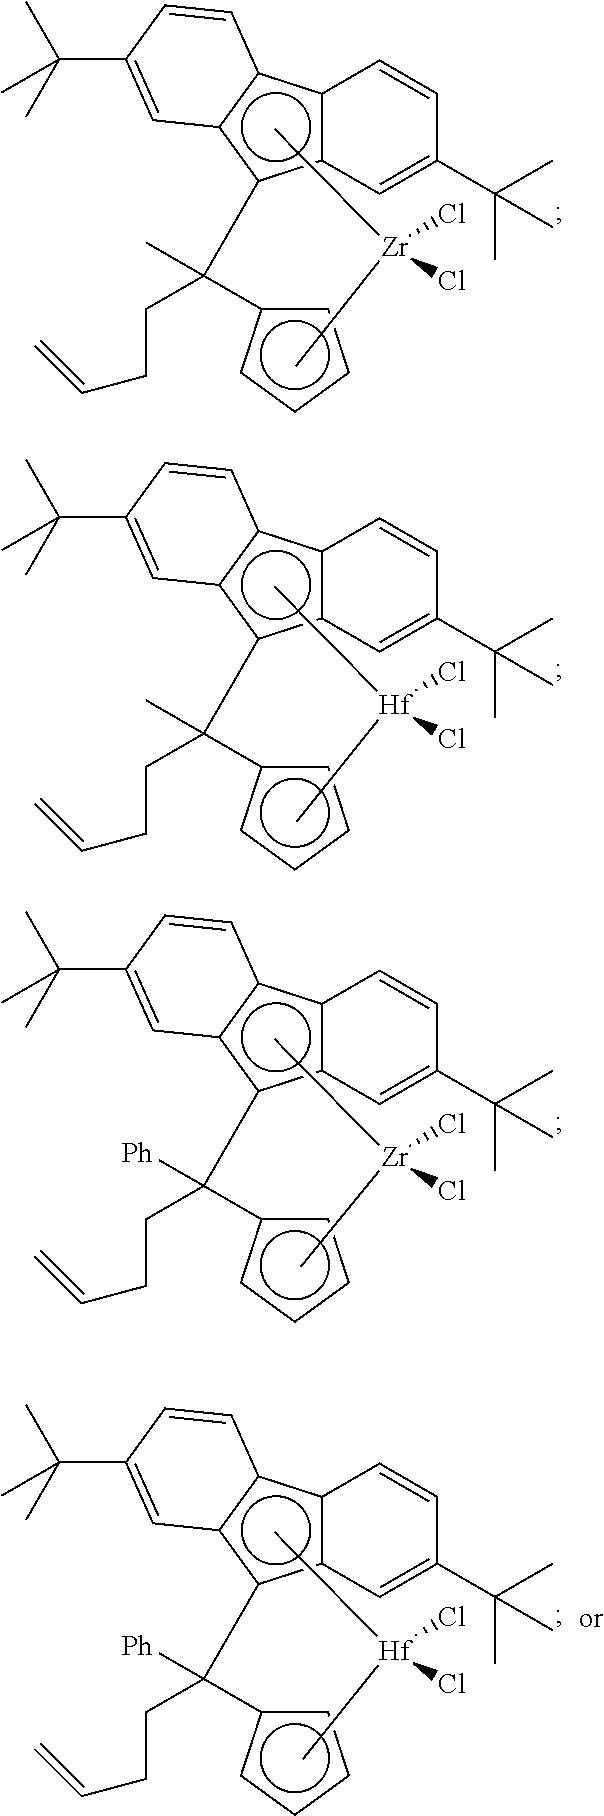 Figure US08318873-20121127-C00012